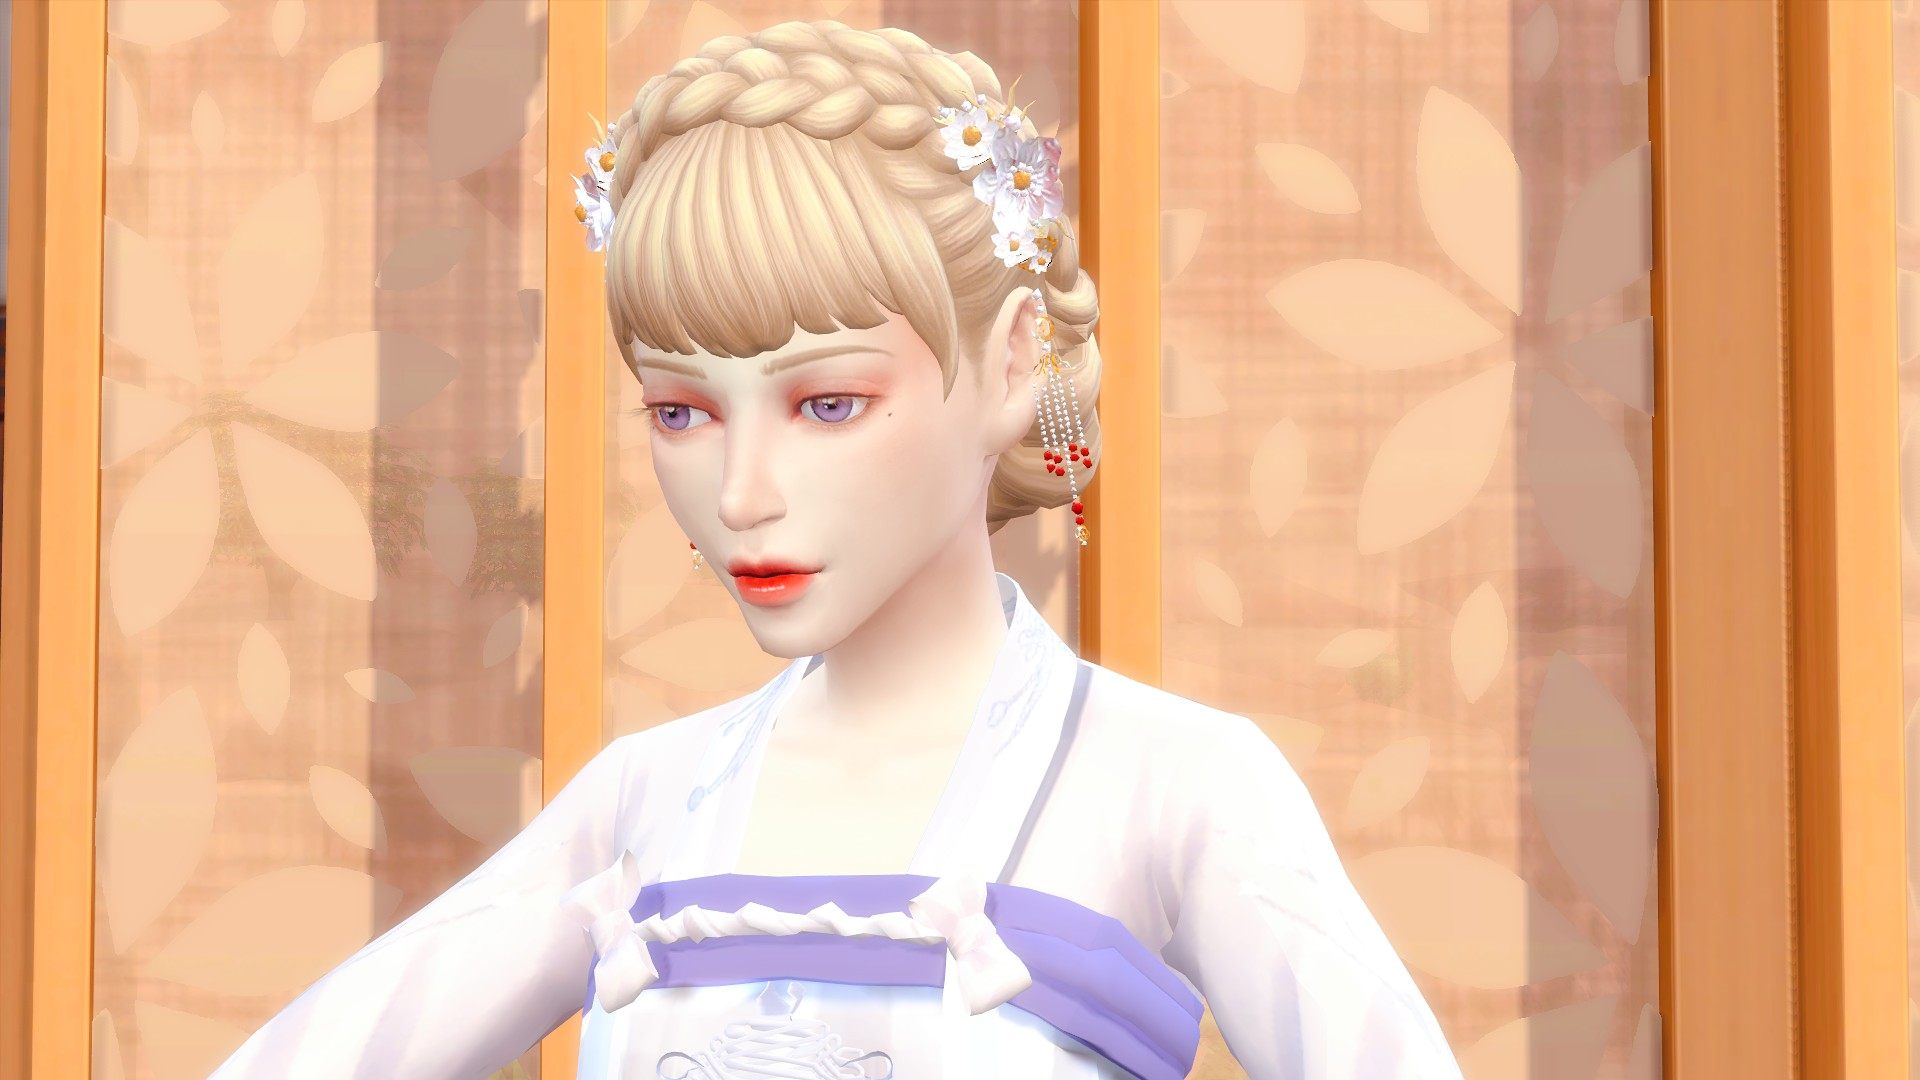 Sims 4 Screenshot 2021.02.18 - 20.04.16.100.png